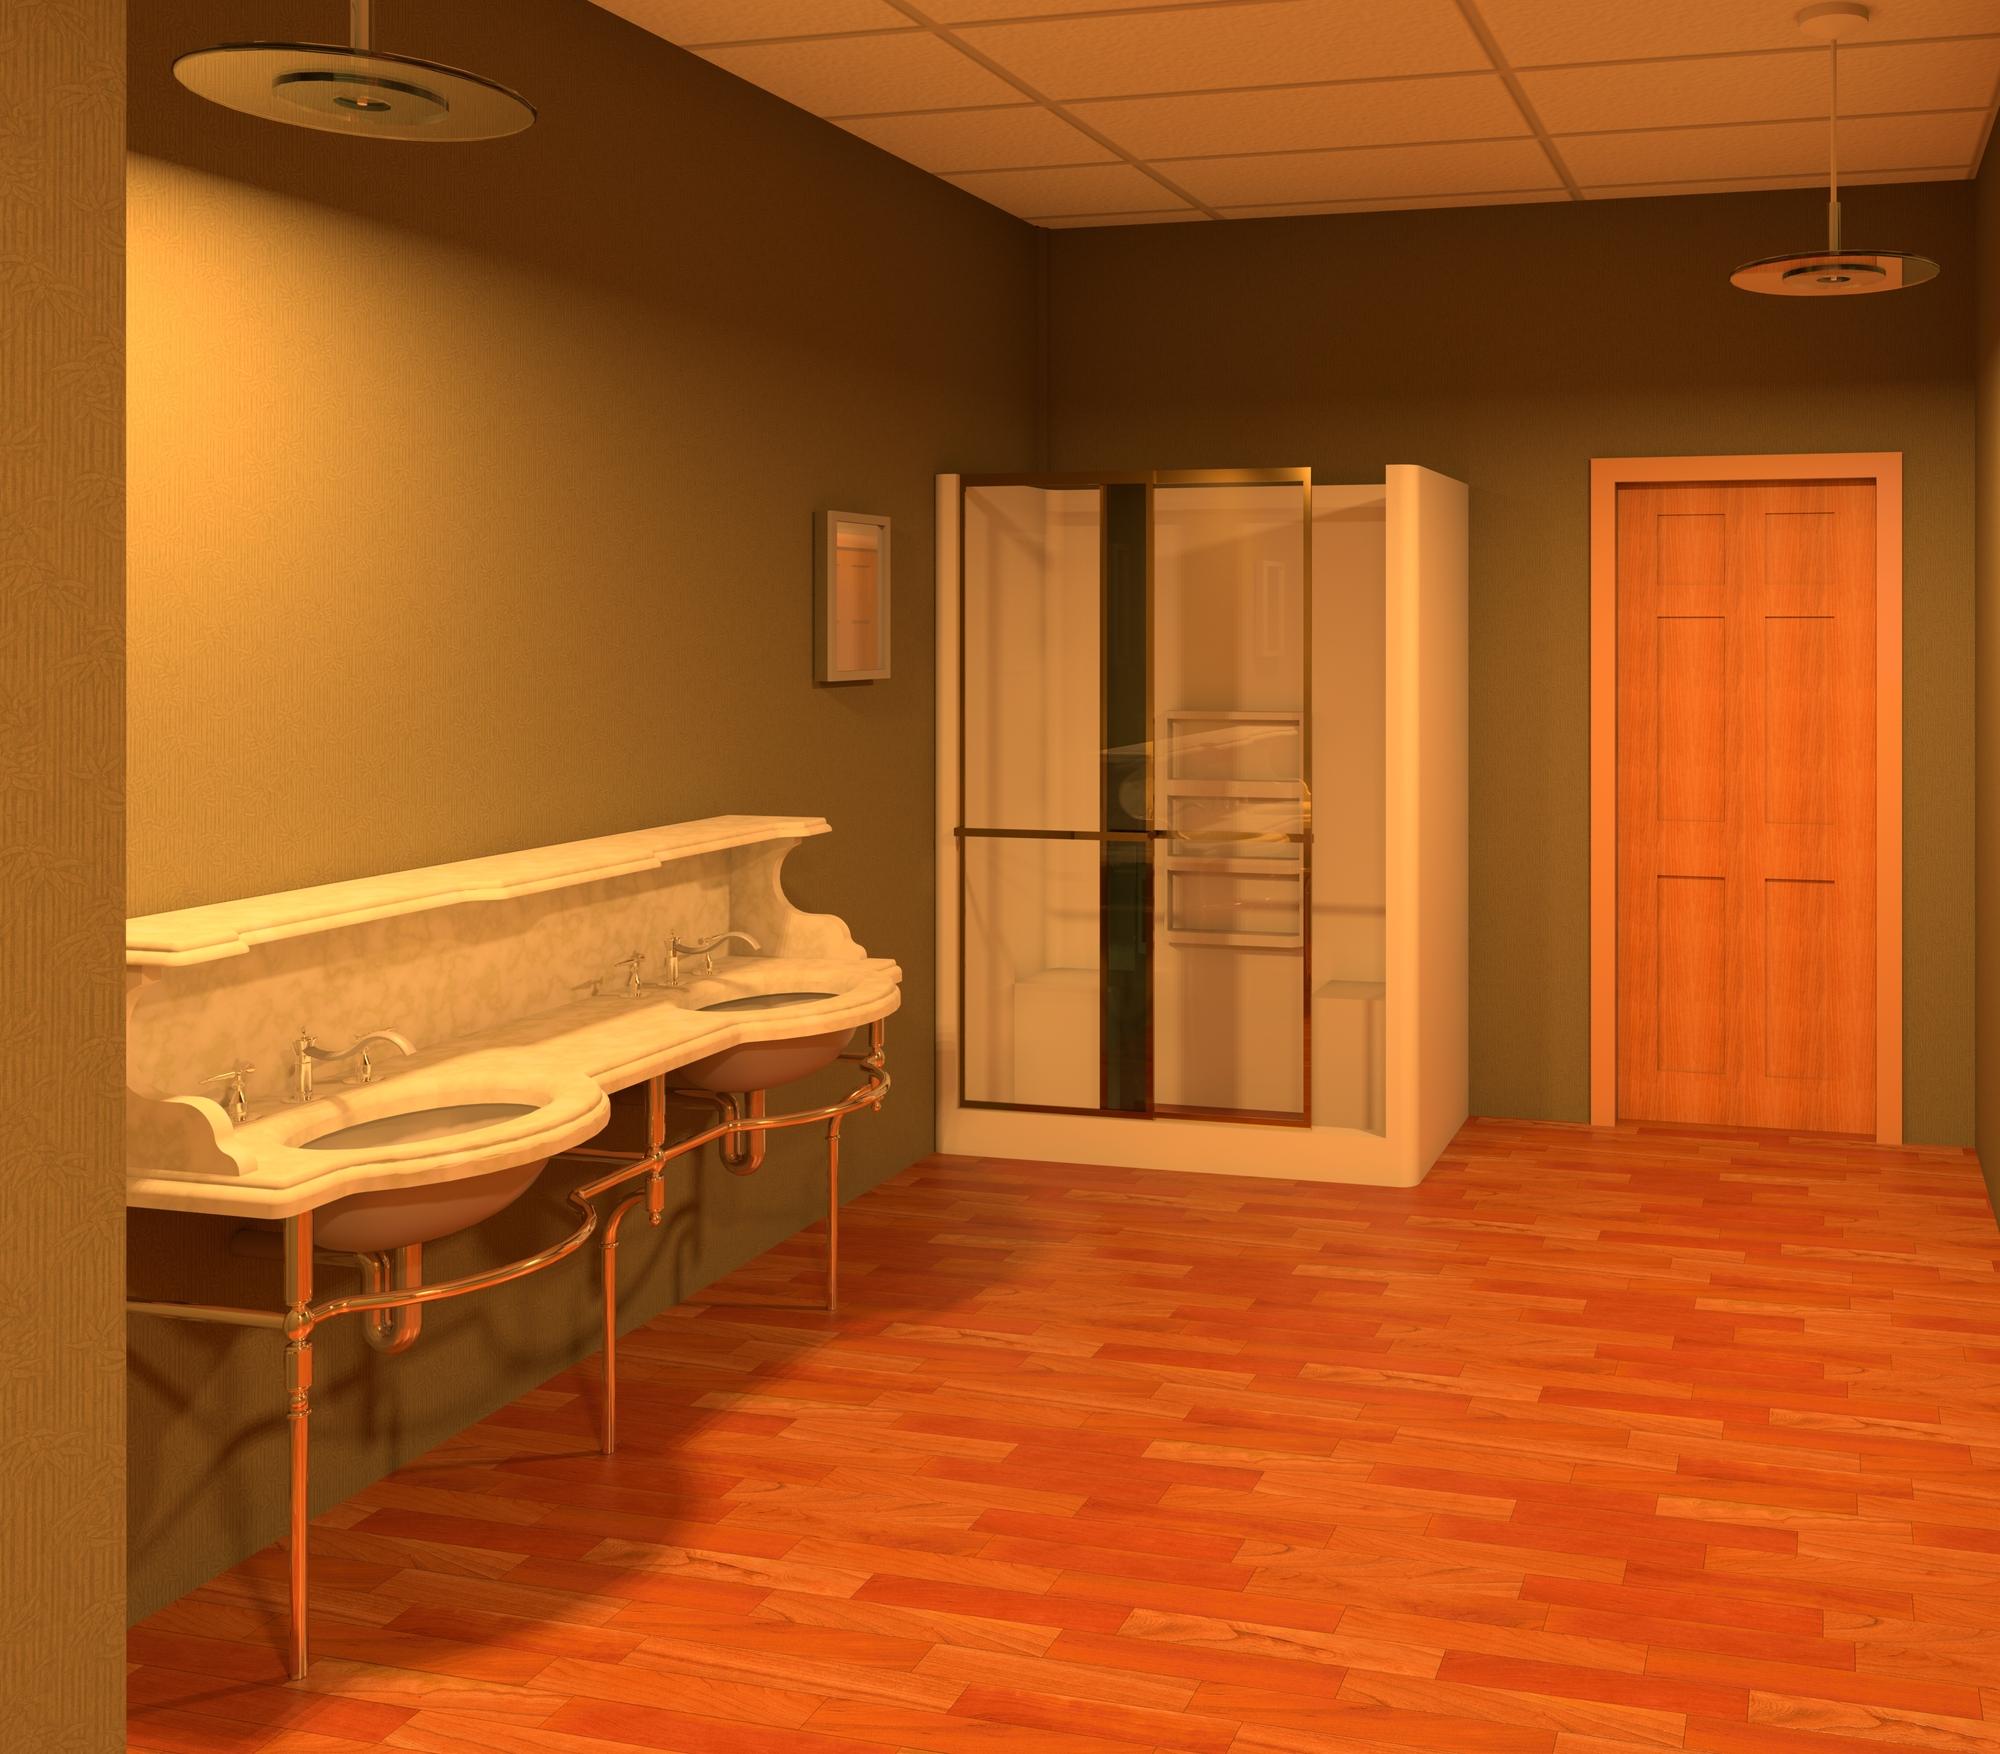 Raas-rendering20140930-5011-vizf89